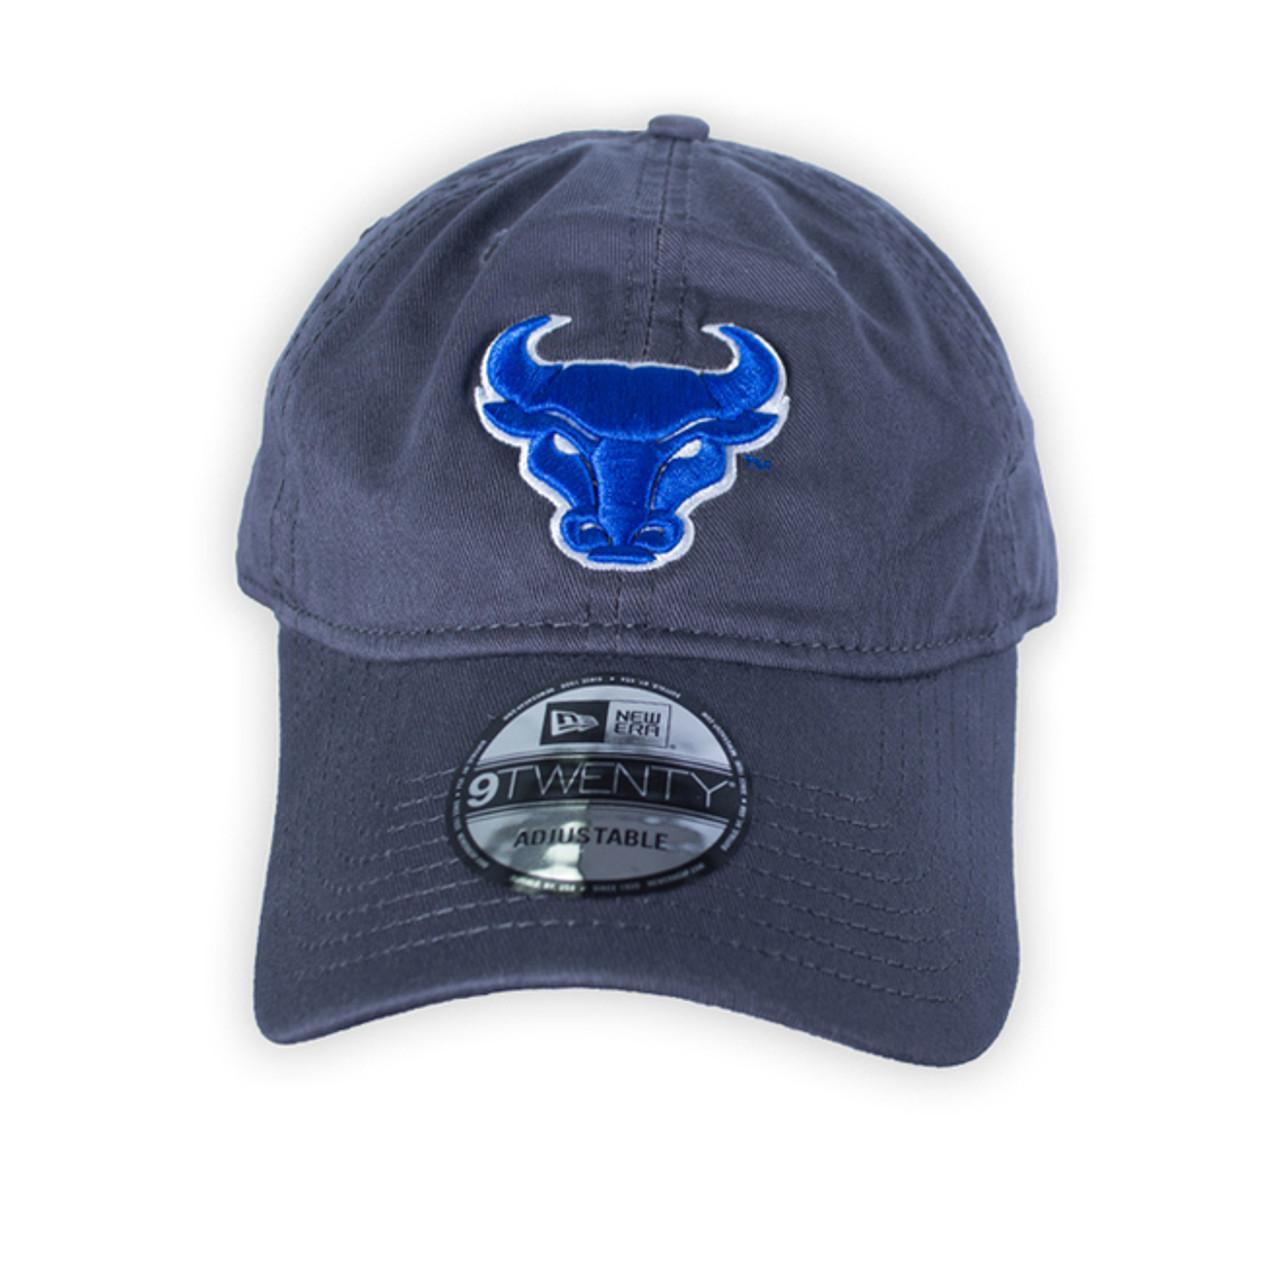 New Grey Bulls Cap - Campus Tees 92a6cf08599